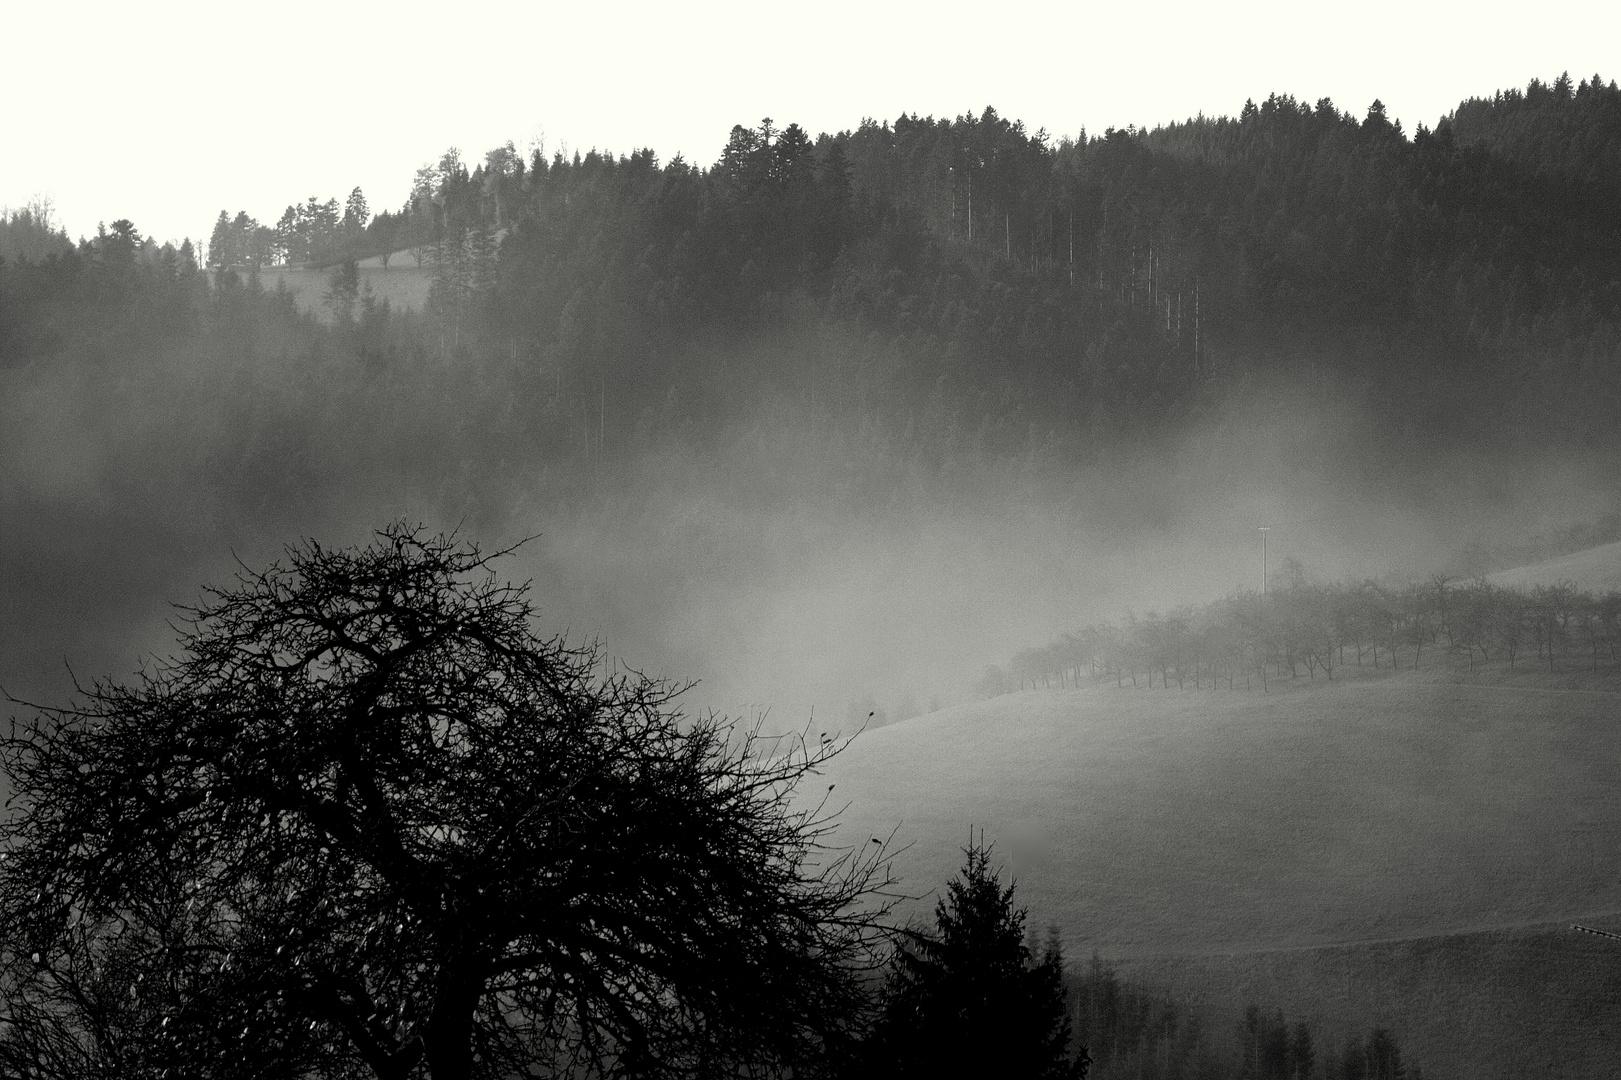 Nebel steigt auf...